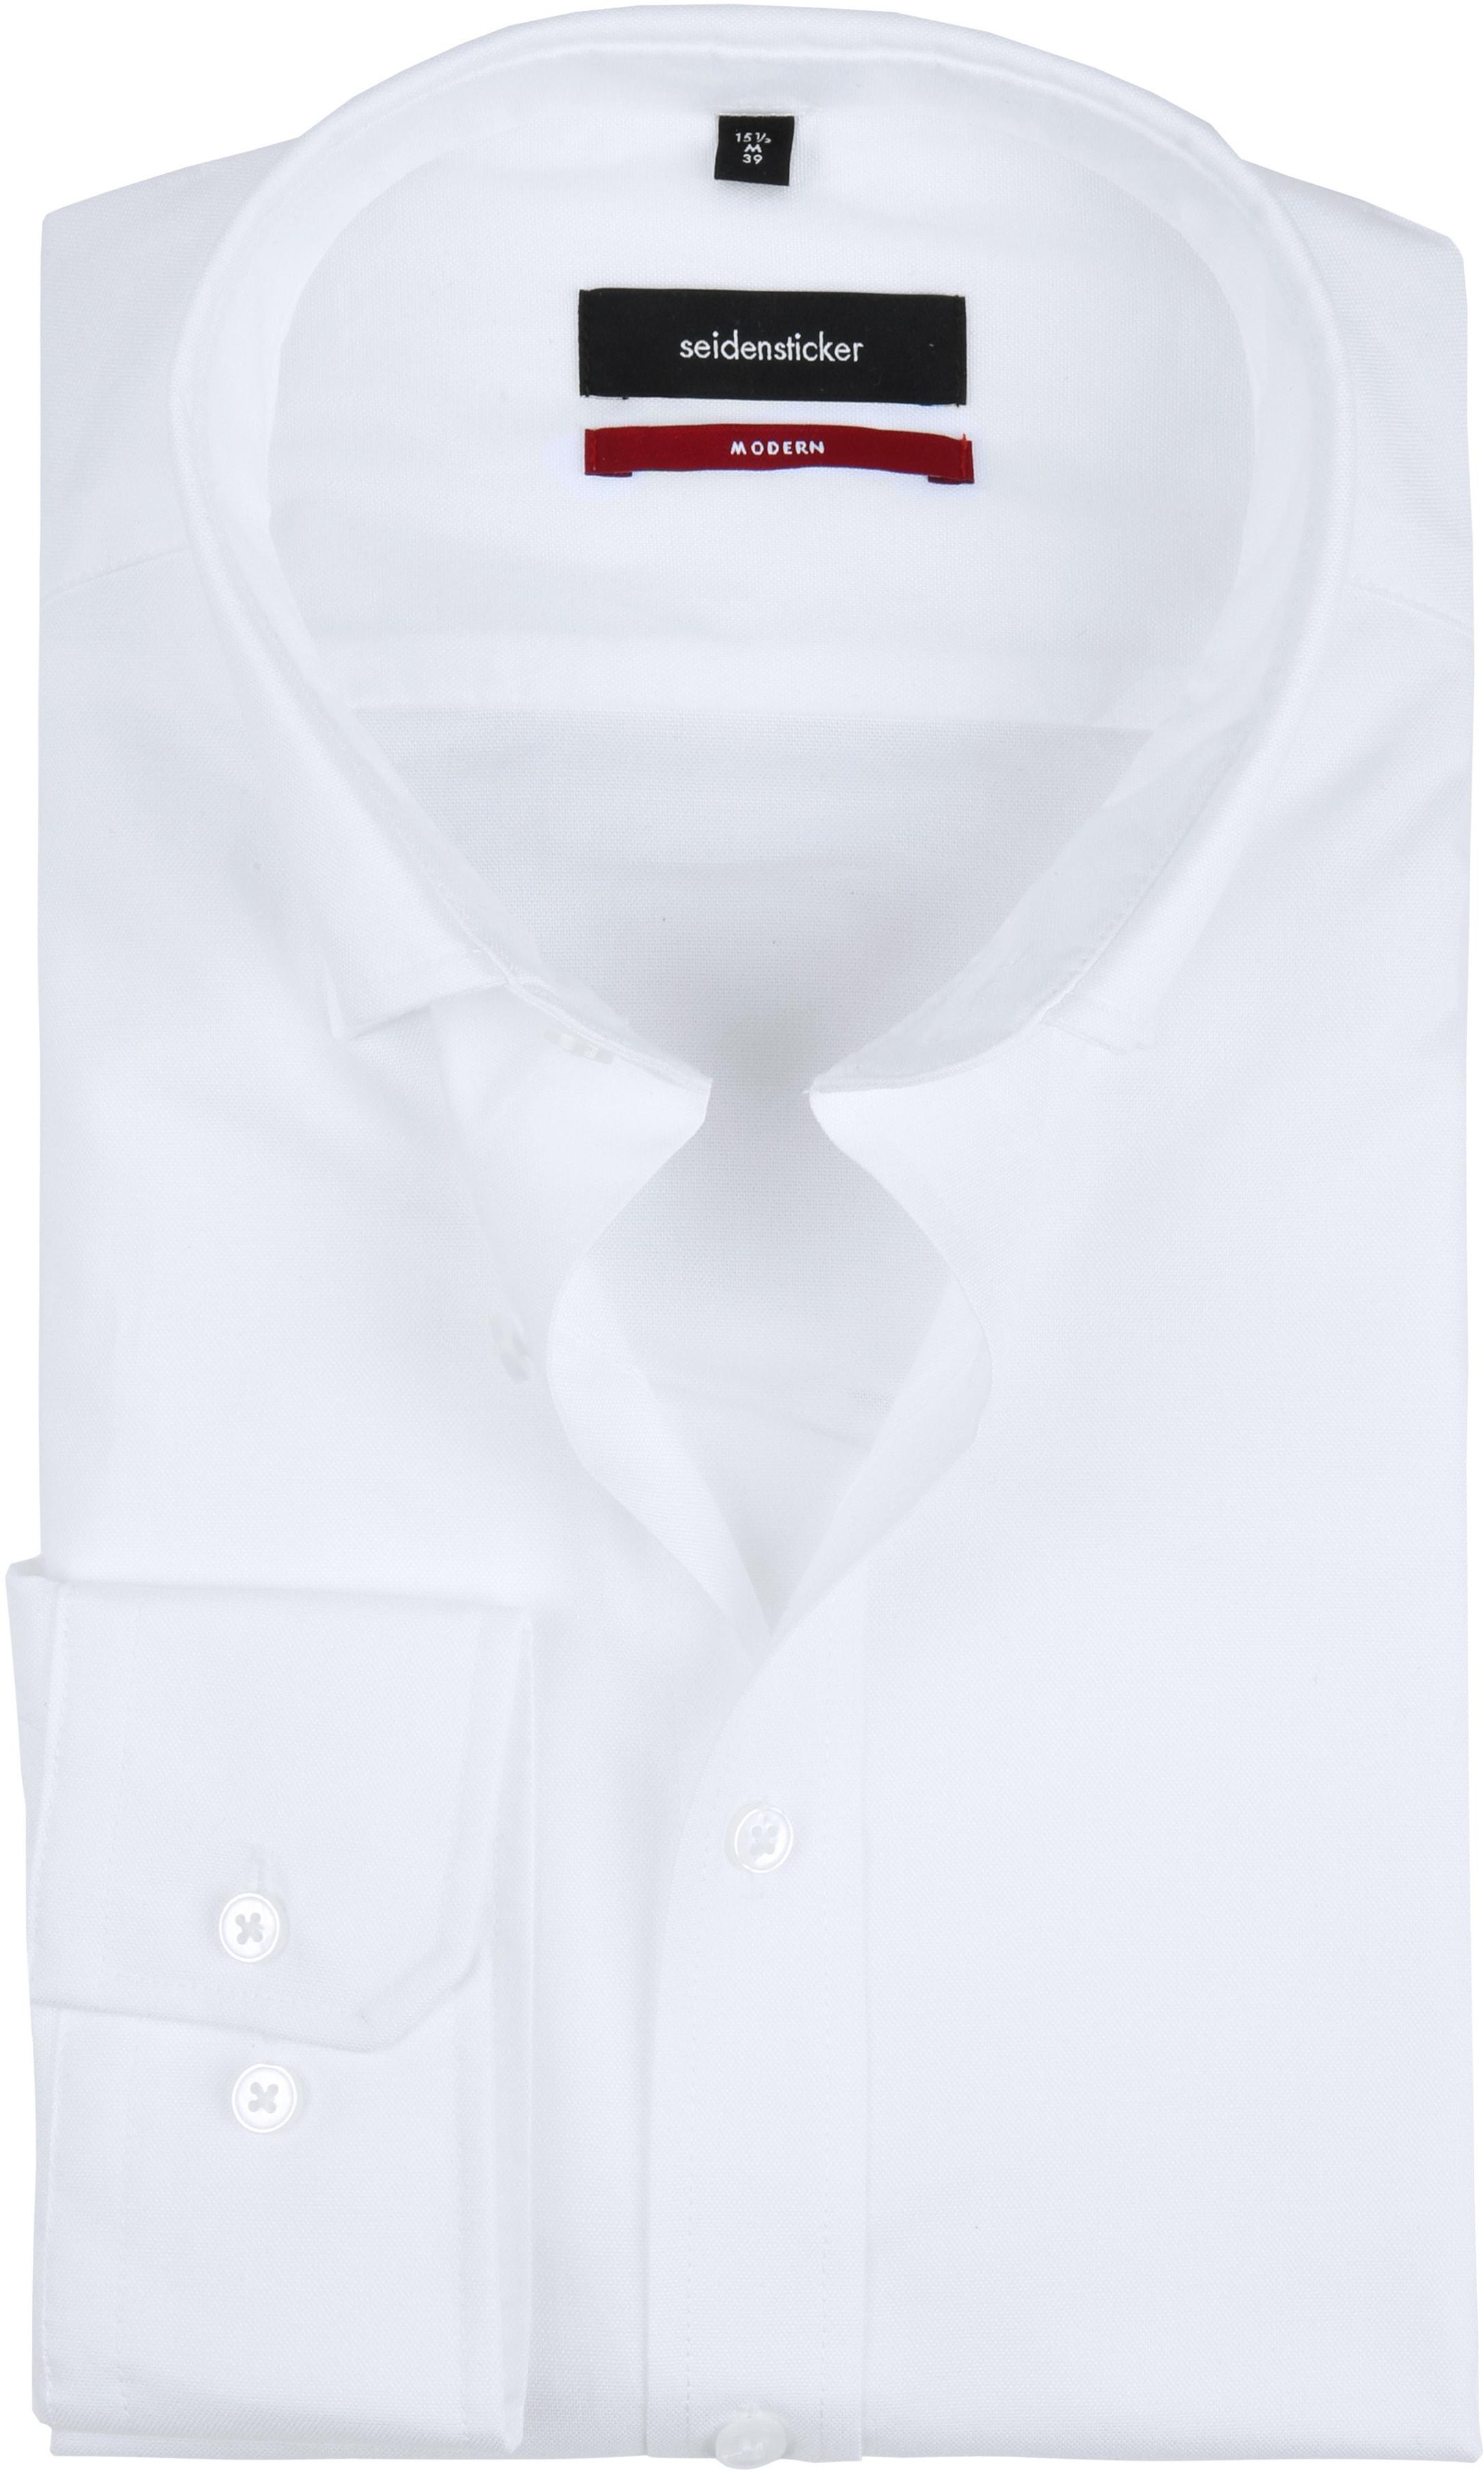 Seidensticker Overhemd MF Wit foto 0